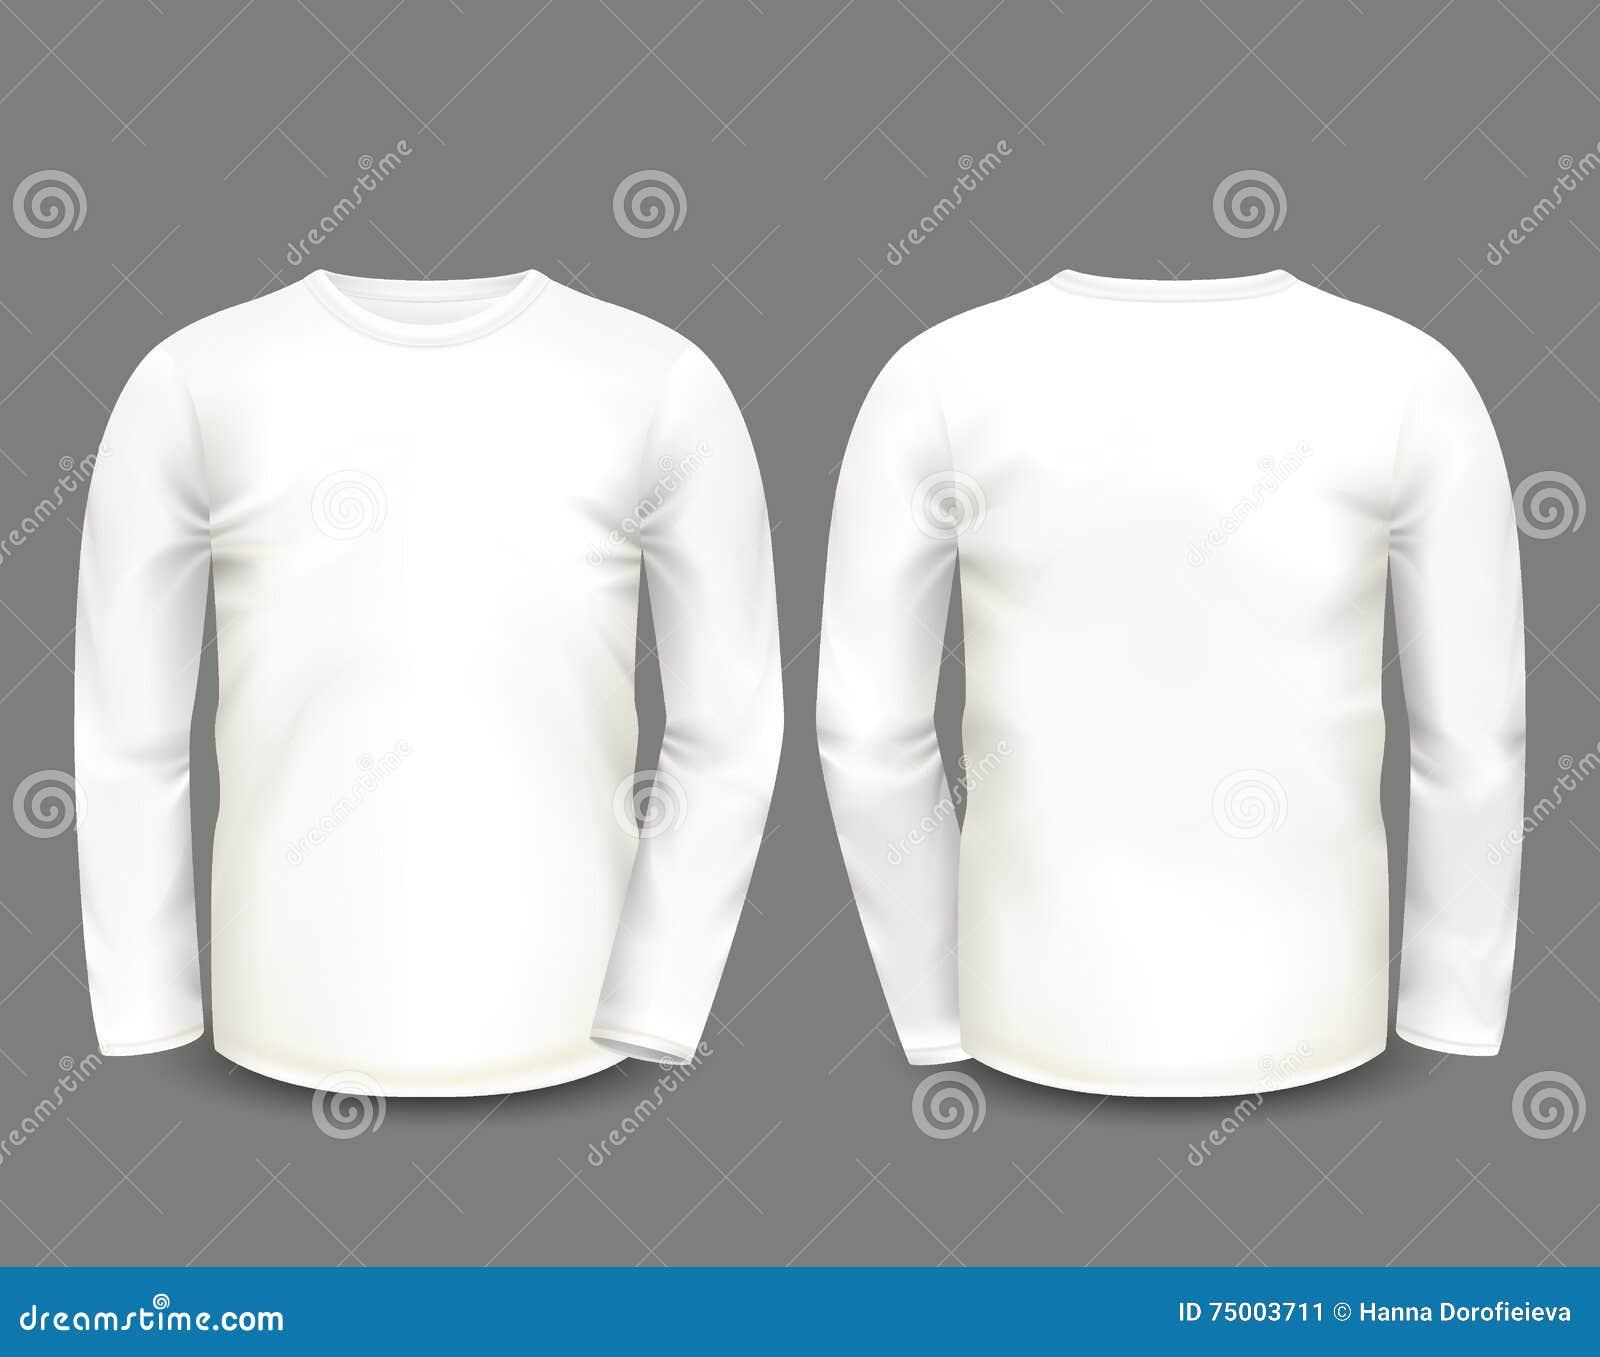 Witte het sweatshirt lange koker van mensen in voor en achtermeningen Vector Malplaatje Volledig editable met de hand gemaakt net